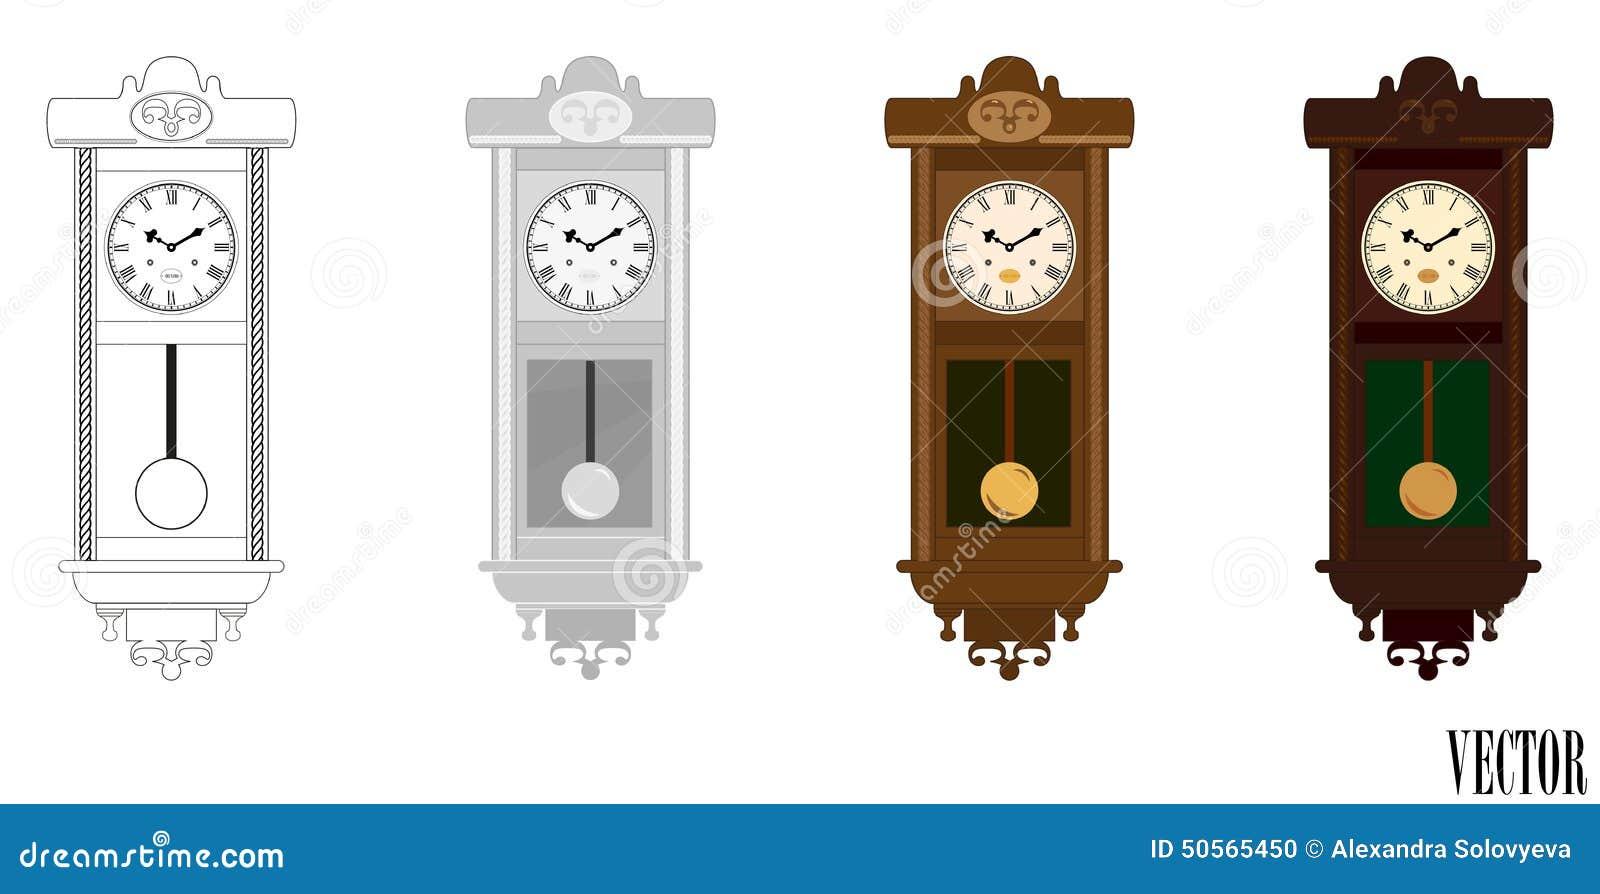 Vector reloj de madera de la pared del p ndulo en - Reloj pintado en la pared ...